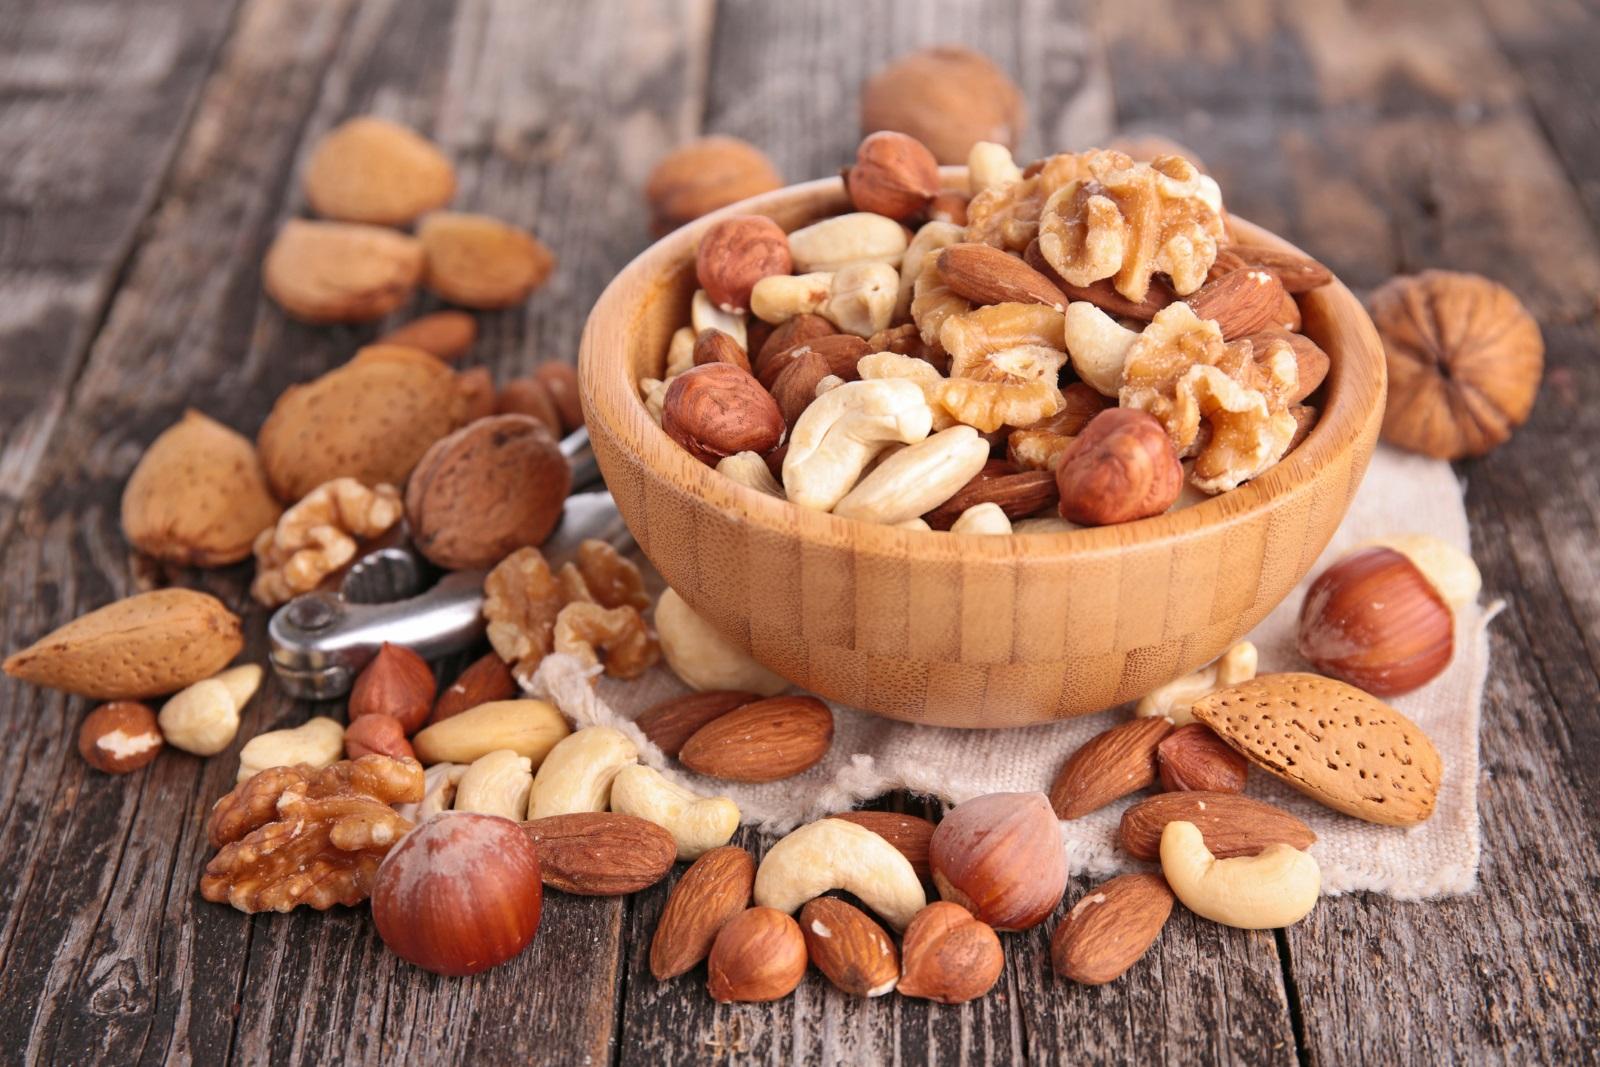 Бадемите помагат срещу диабет и намаляват холестерола. Доказват го 22 възрастни доброволци, приемали по 60 гр бадеми всеки ден в продължение на 4 седмици. Лекарите отчели намаляване с 9% на нивото на кръвната захар и повишаване на добрия холестерол за сметка на лошия.